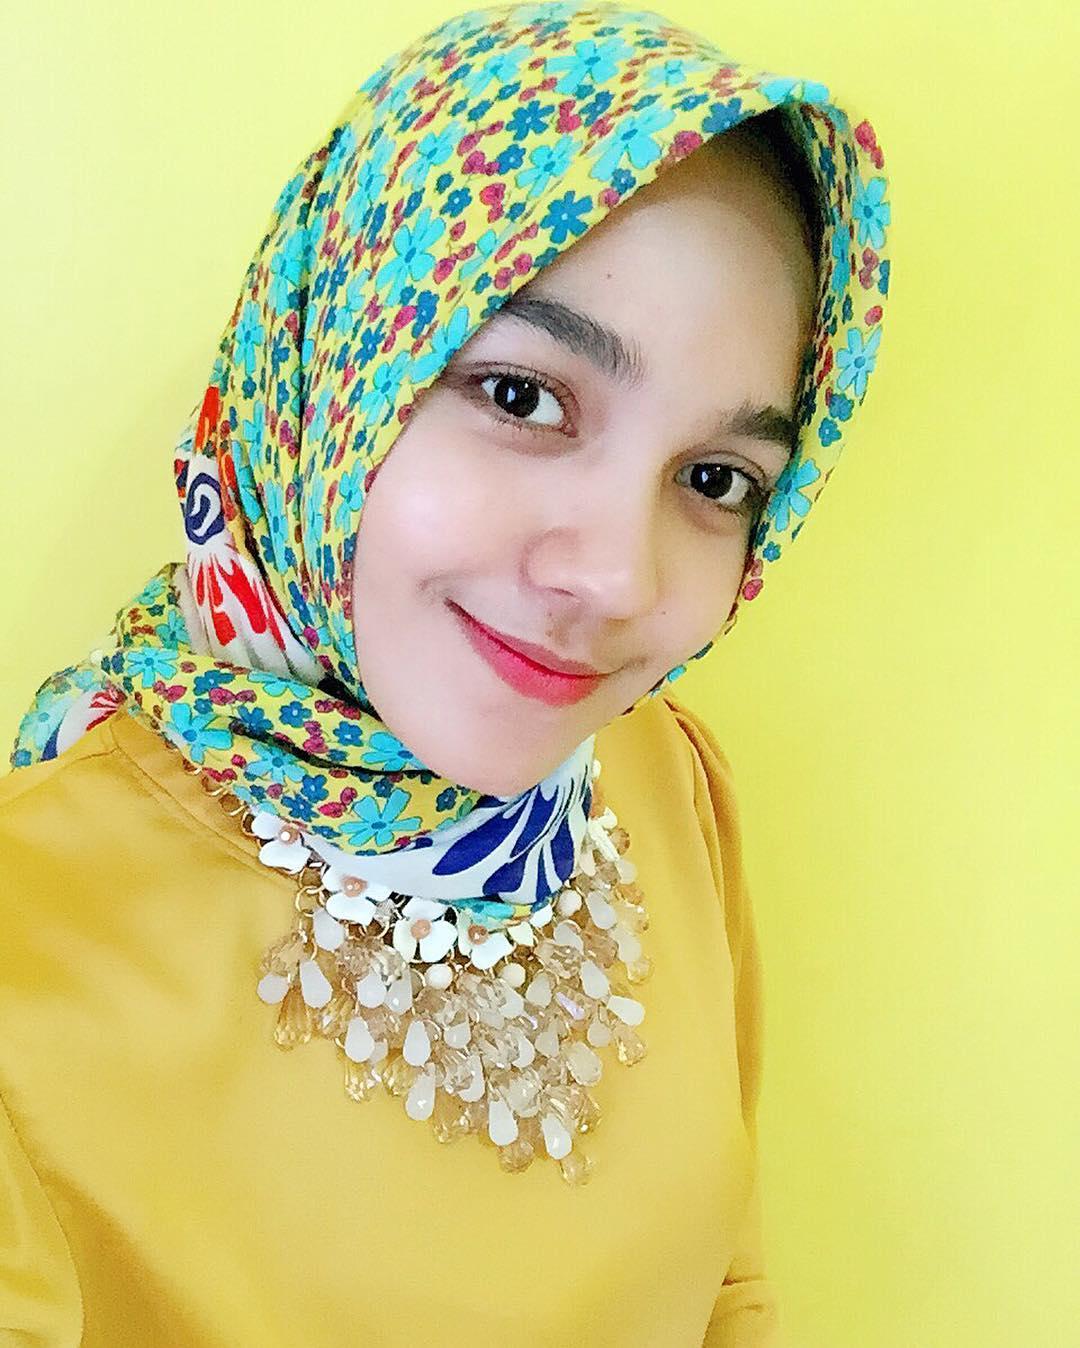 Jilbab Cantik Aceh - Asisten Cantik